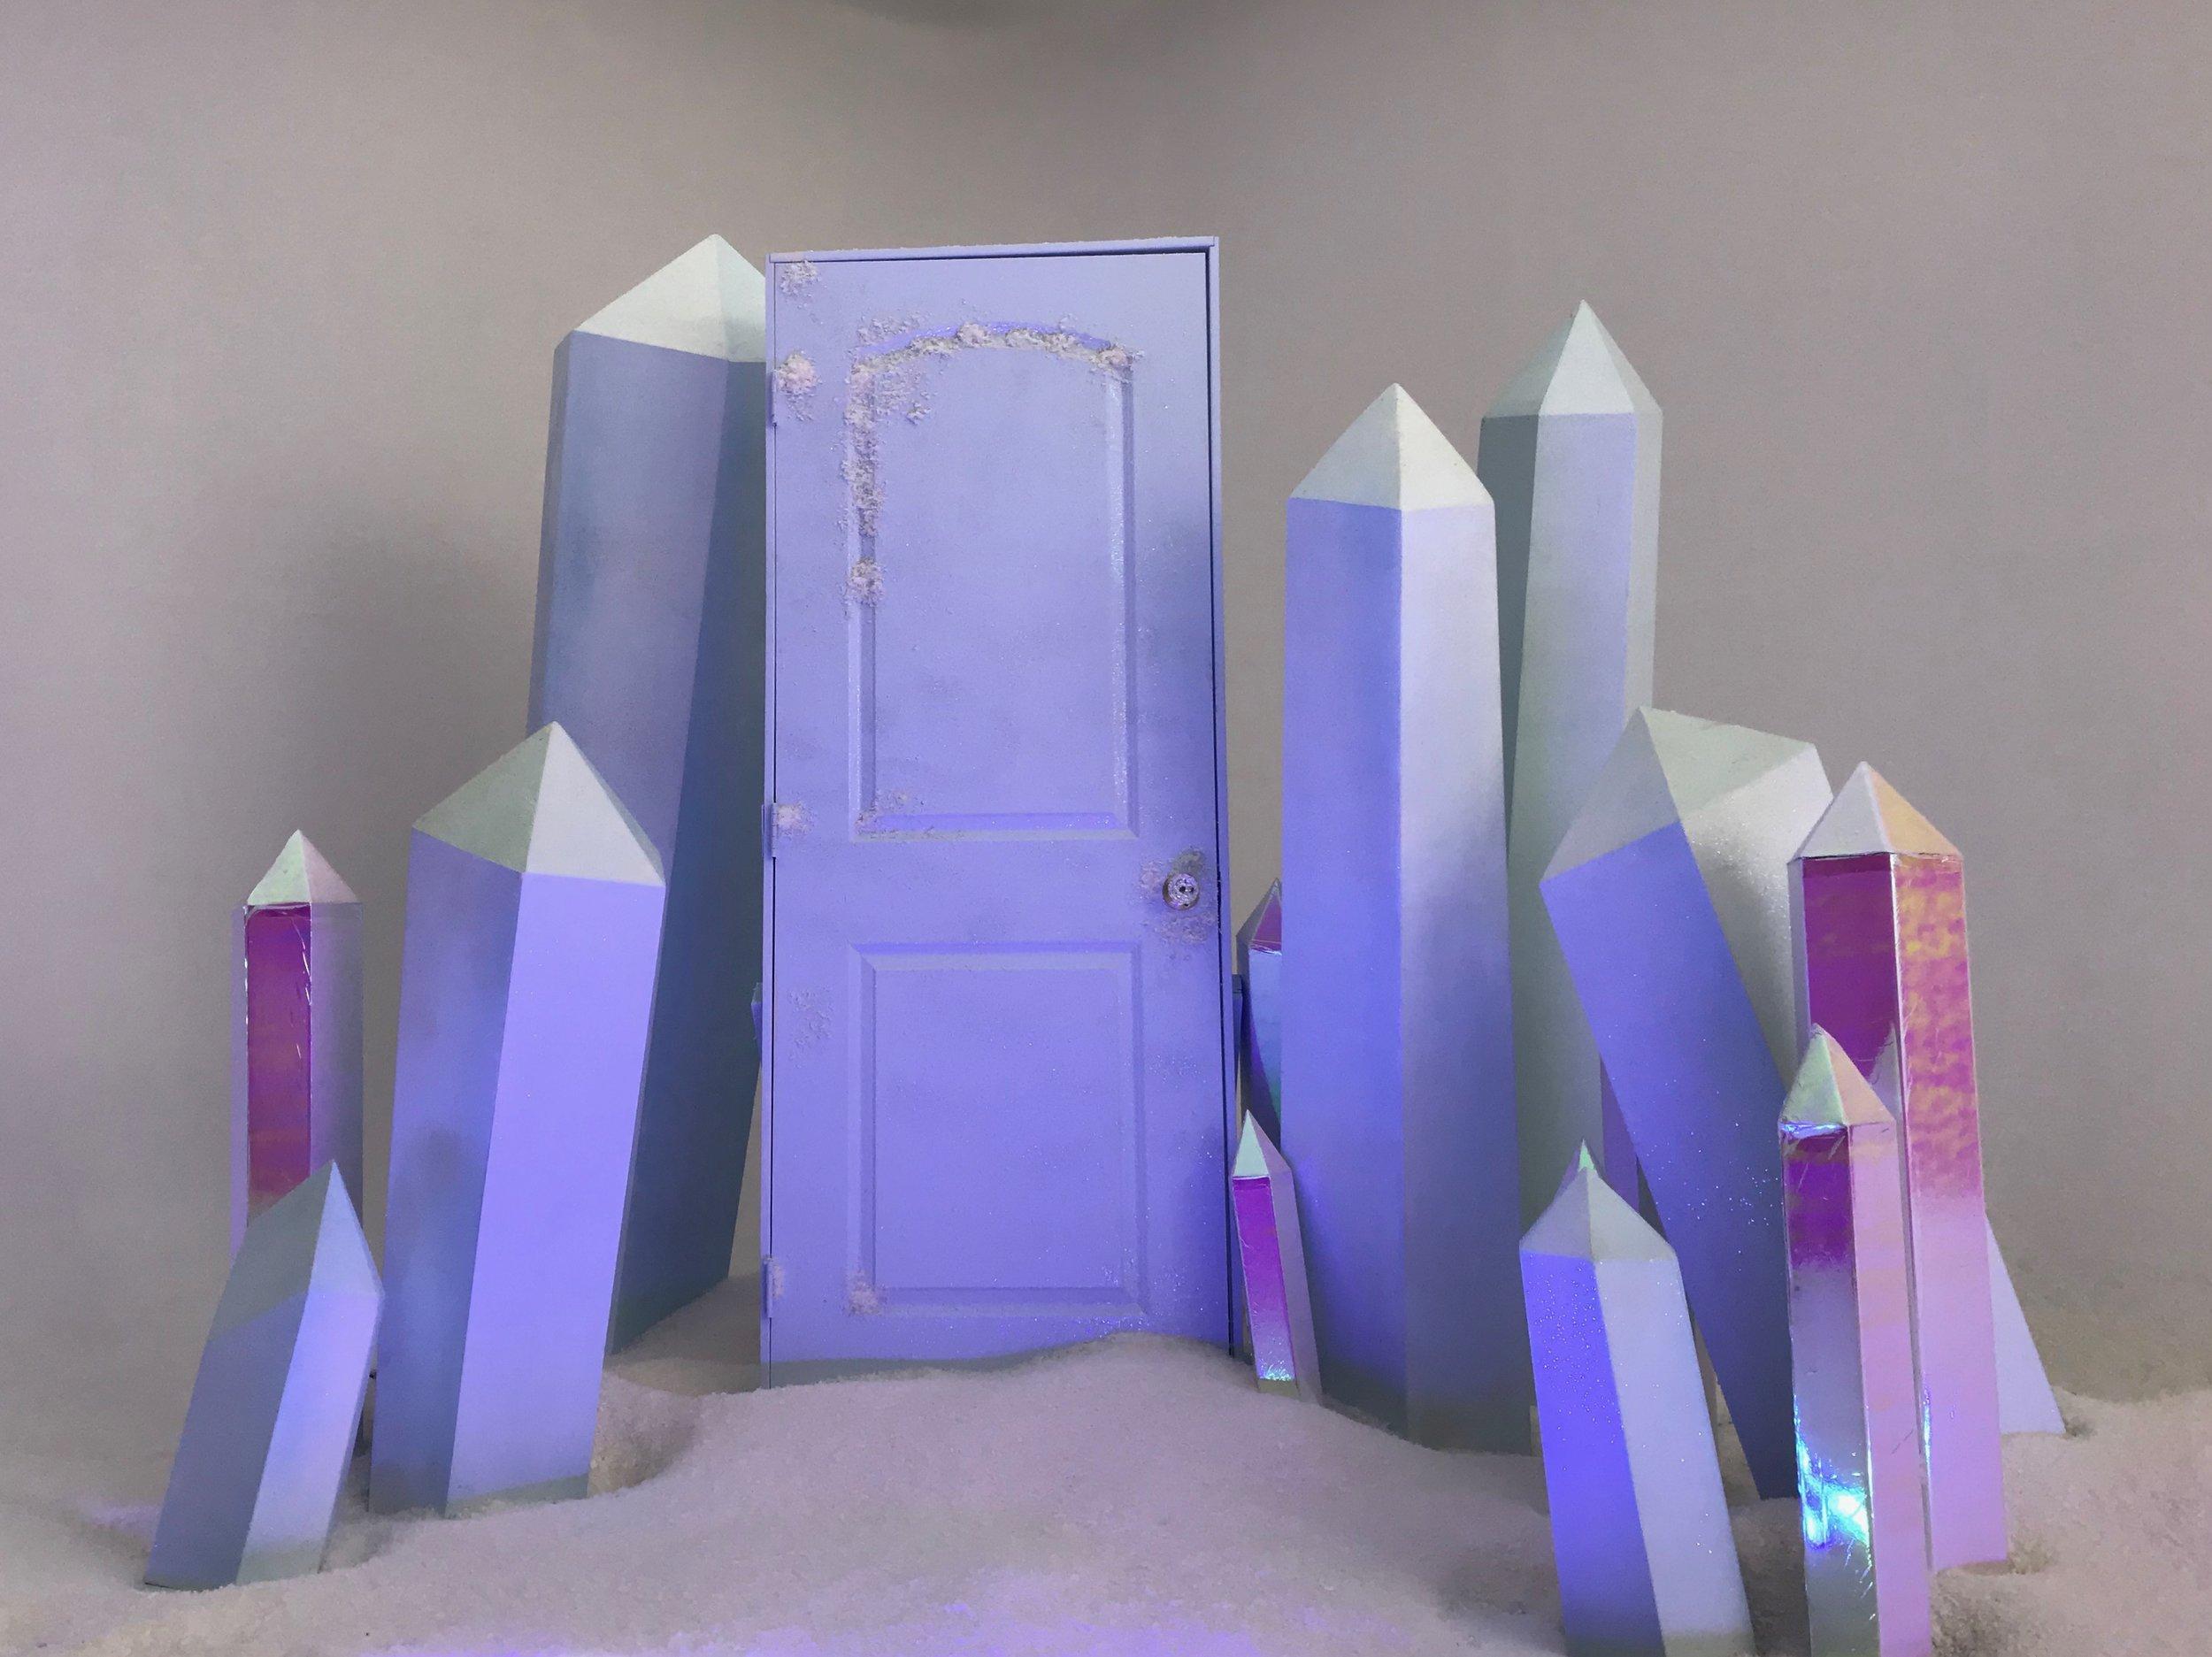 Joey Graceffa, Kingdom - Crystal + Door Design and Fabrication